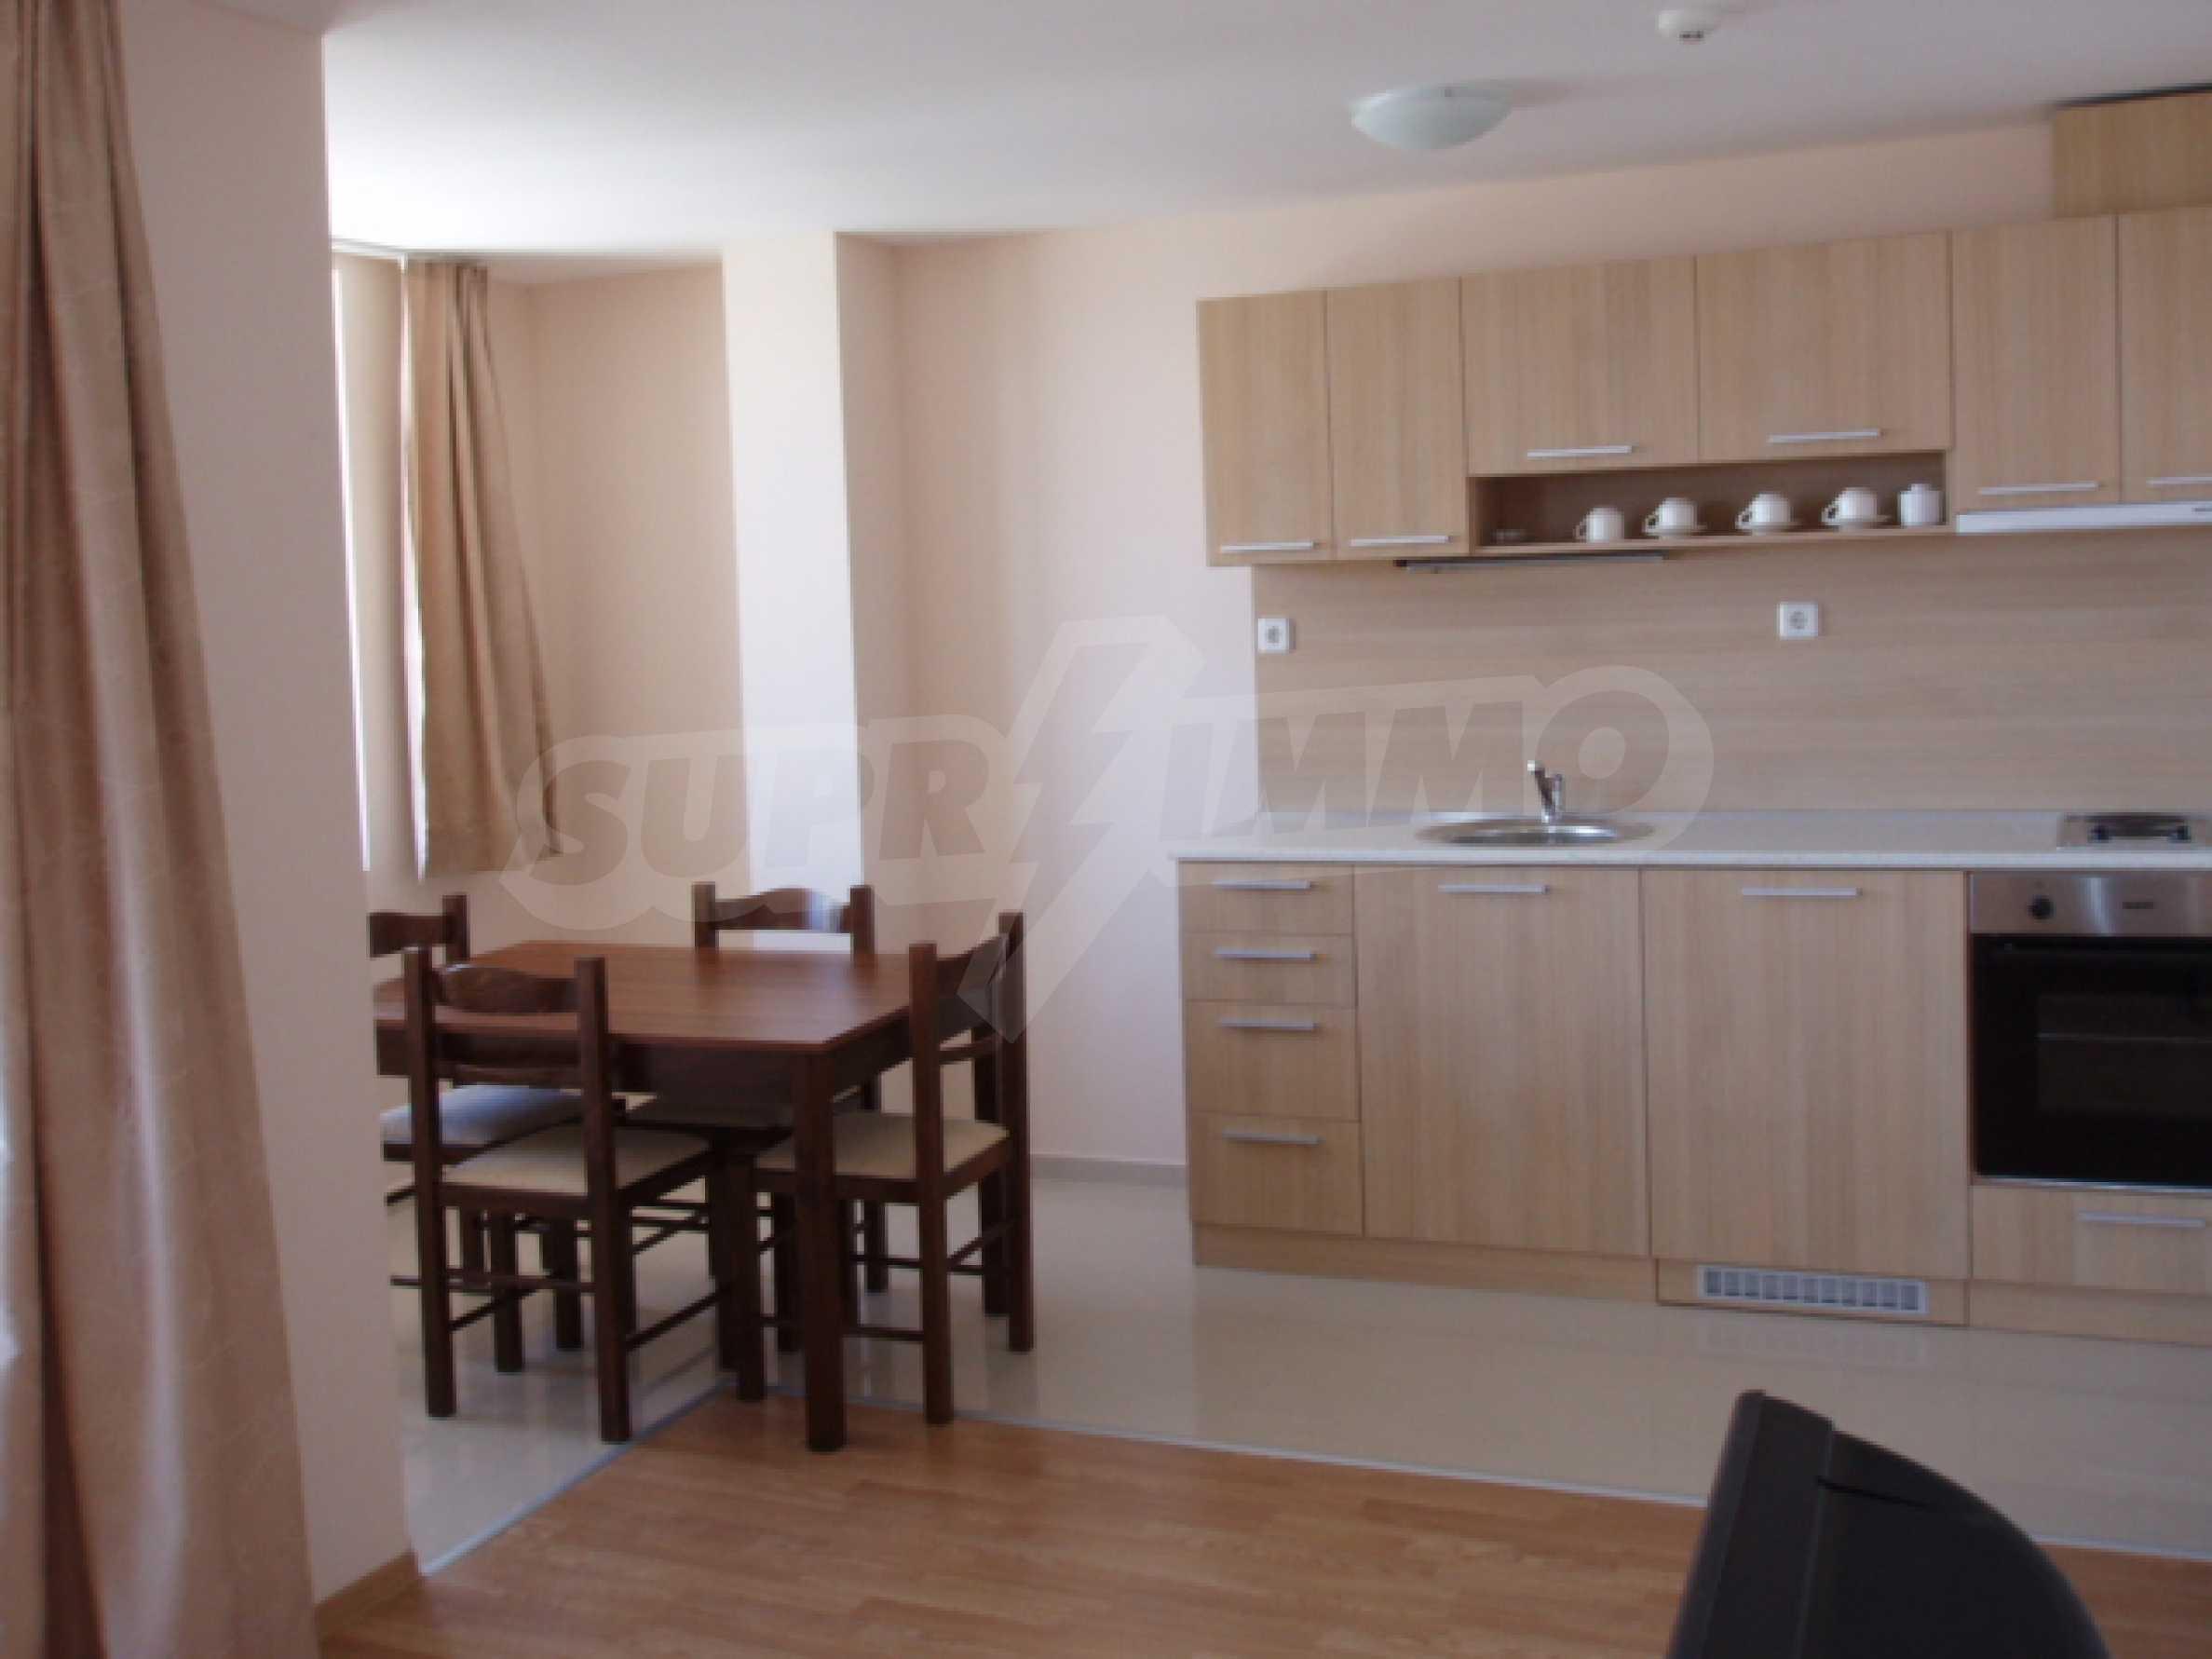 Тристаен апартамент за продажба в гр. Банско 2